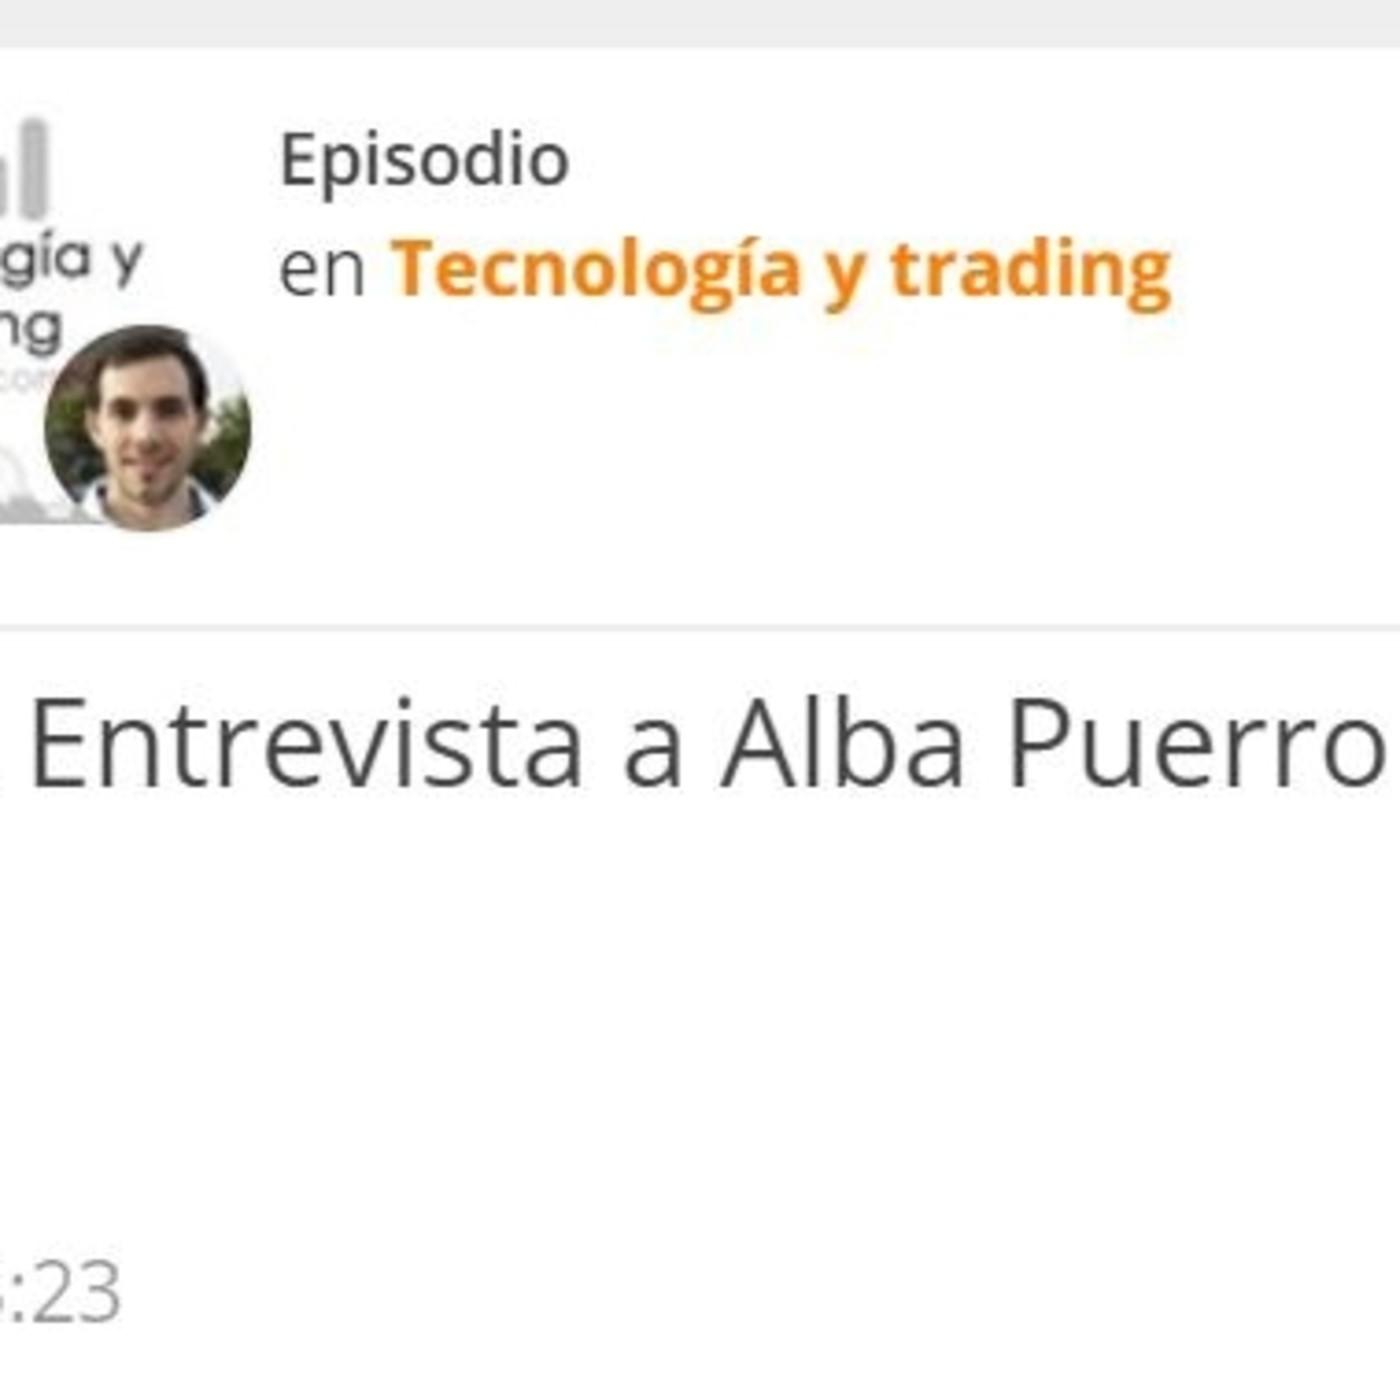 ESPECIAL_Podcast sobre las Ondas de Wolfe y su trading